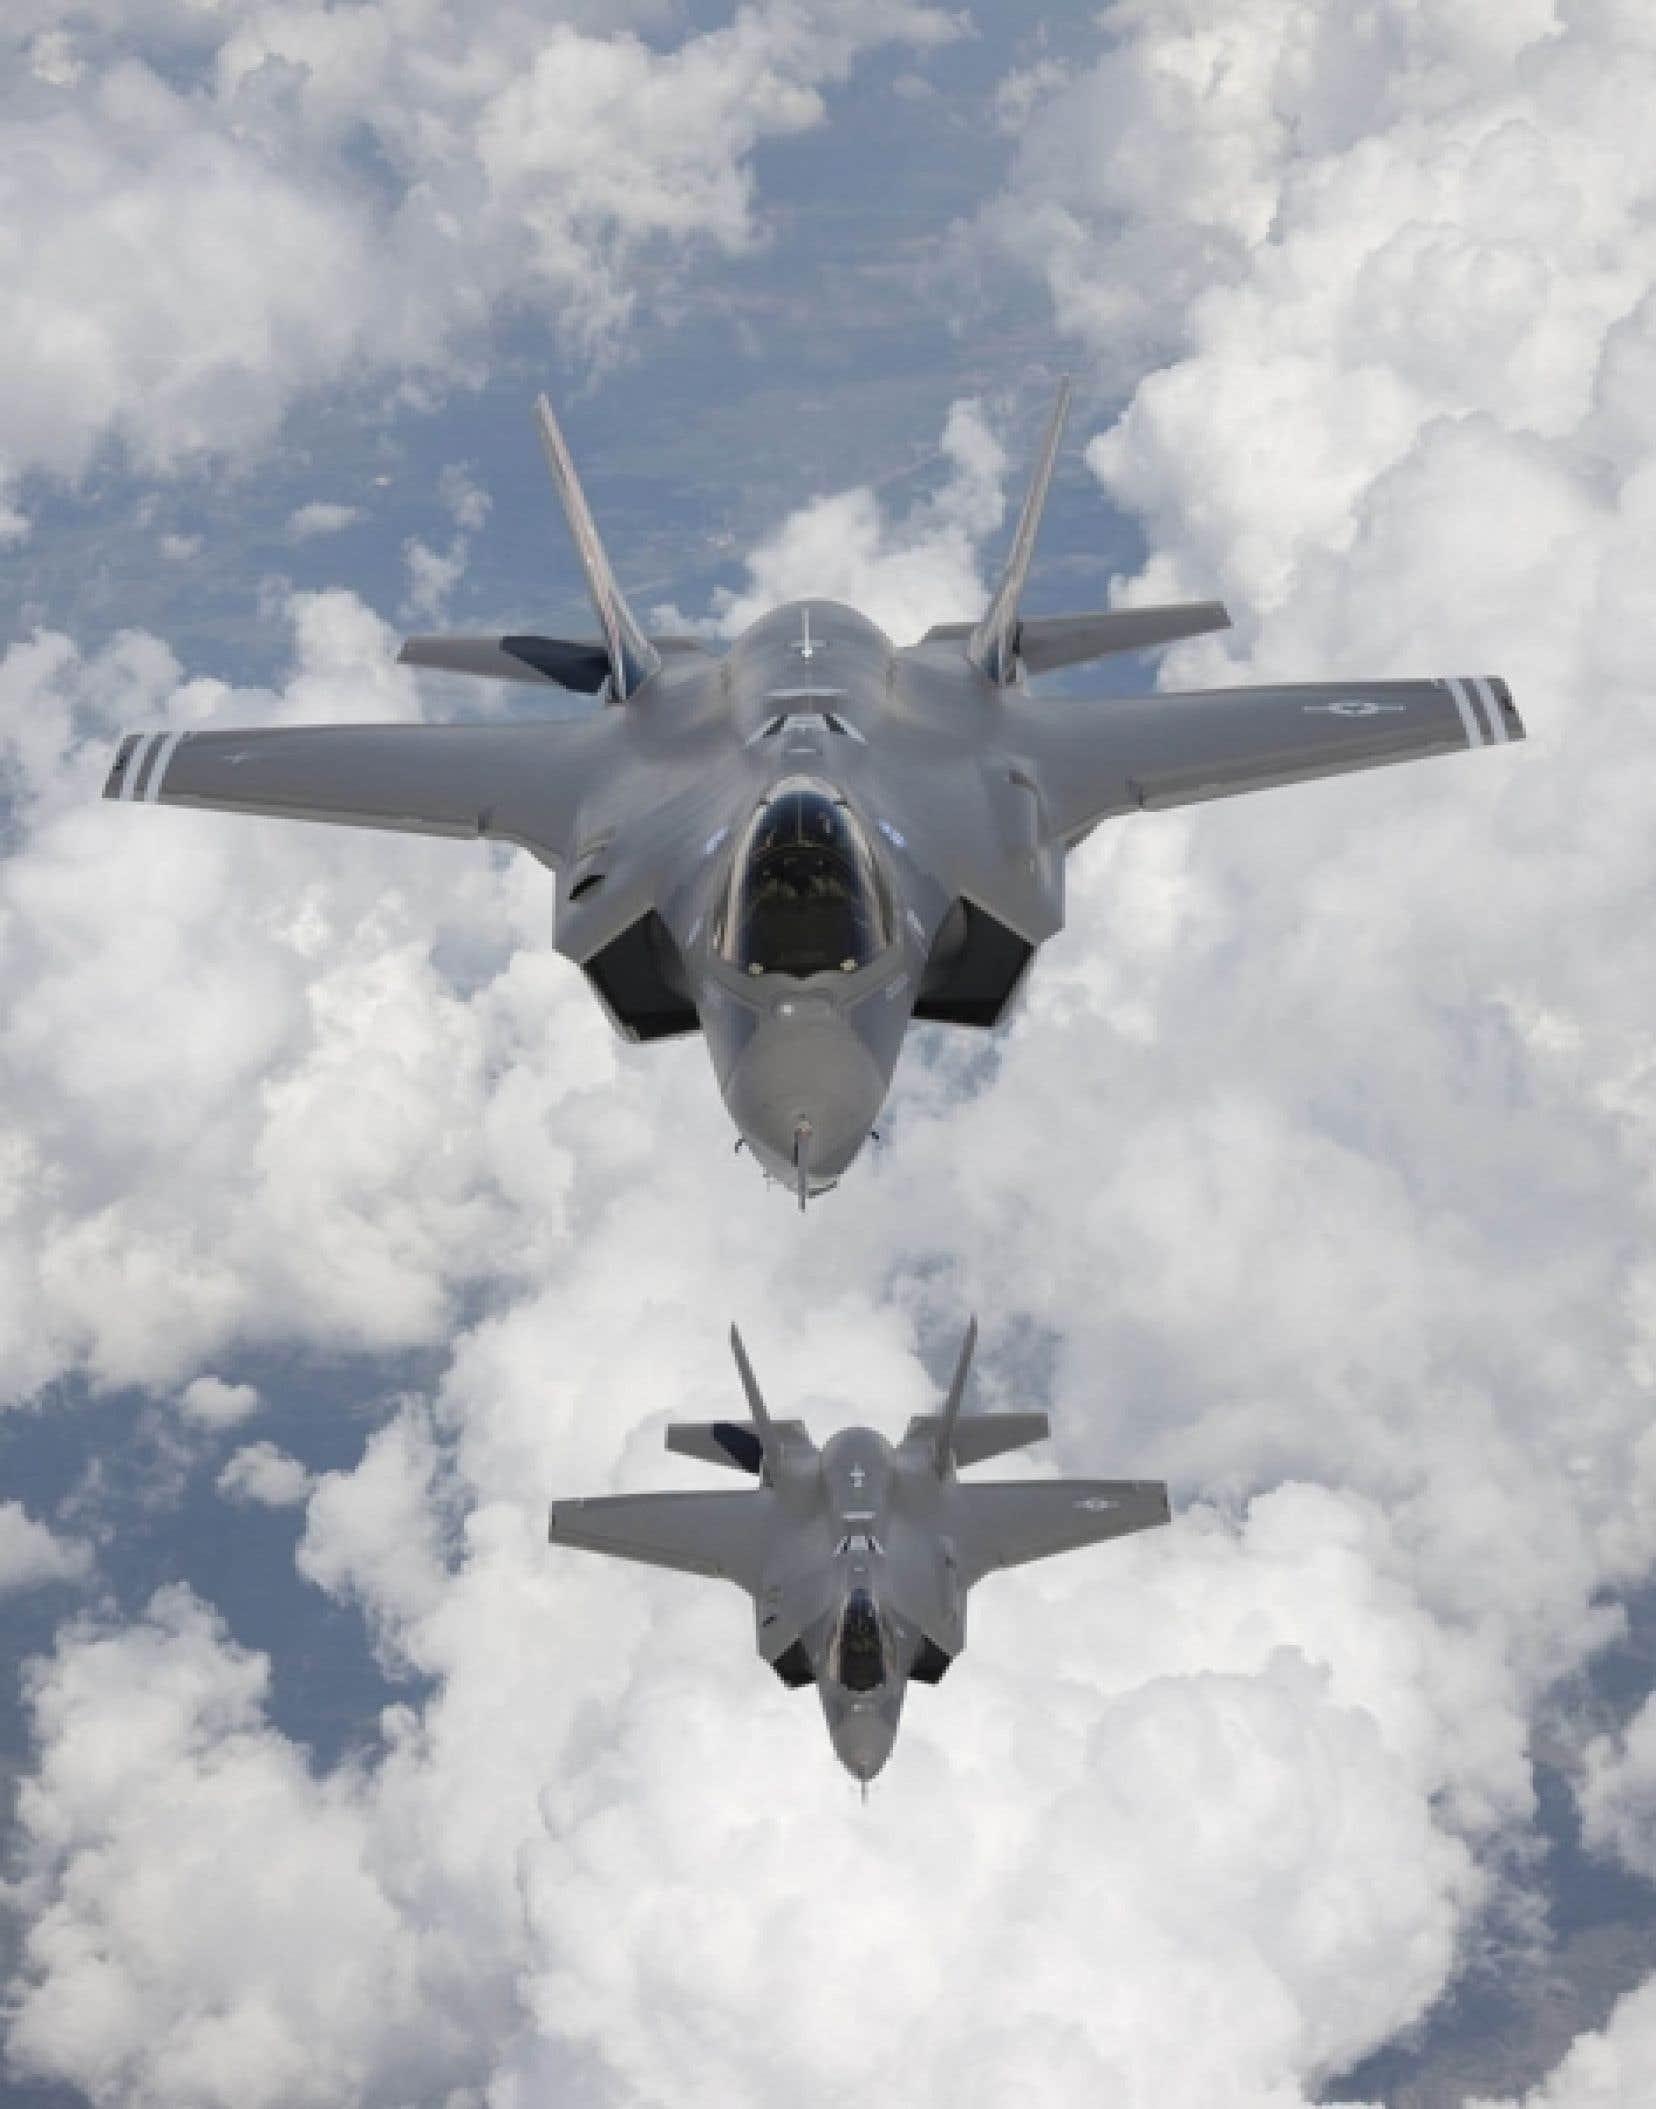 Le F-35 est incompatible avec le système de ravitaillement en vol du Canada. Les Forces canadiennes affirment que ses deux ravitailleurs doivent être remplacés d'ici 2015, et que l'achat de nouveaux appareils compatibles avec le F-35 pourrait être la solution. <br />